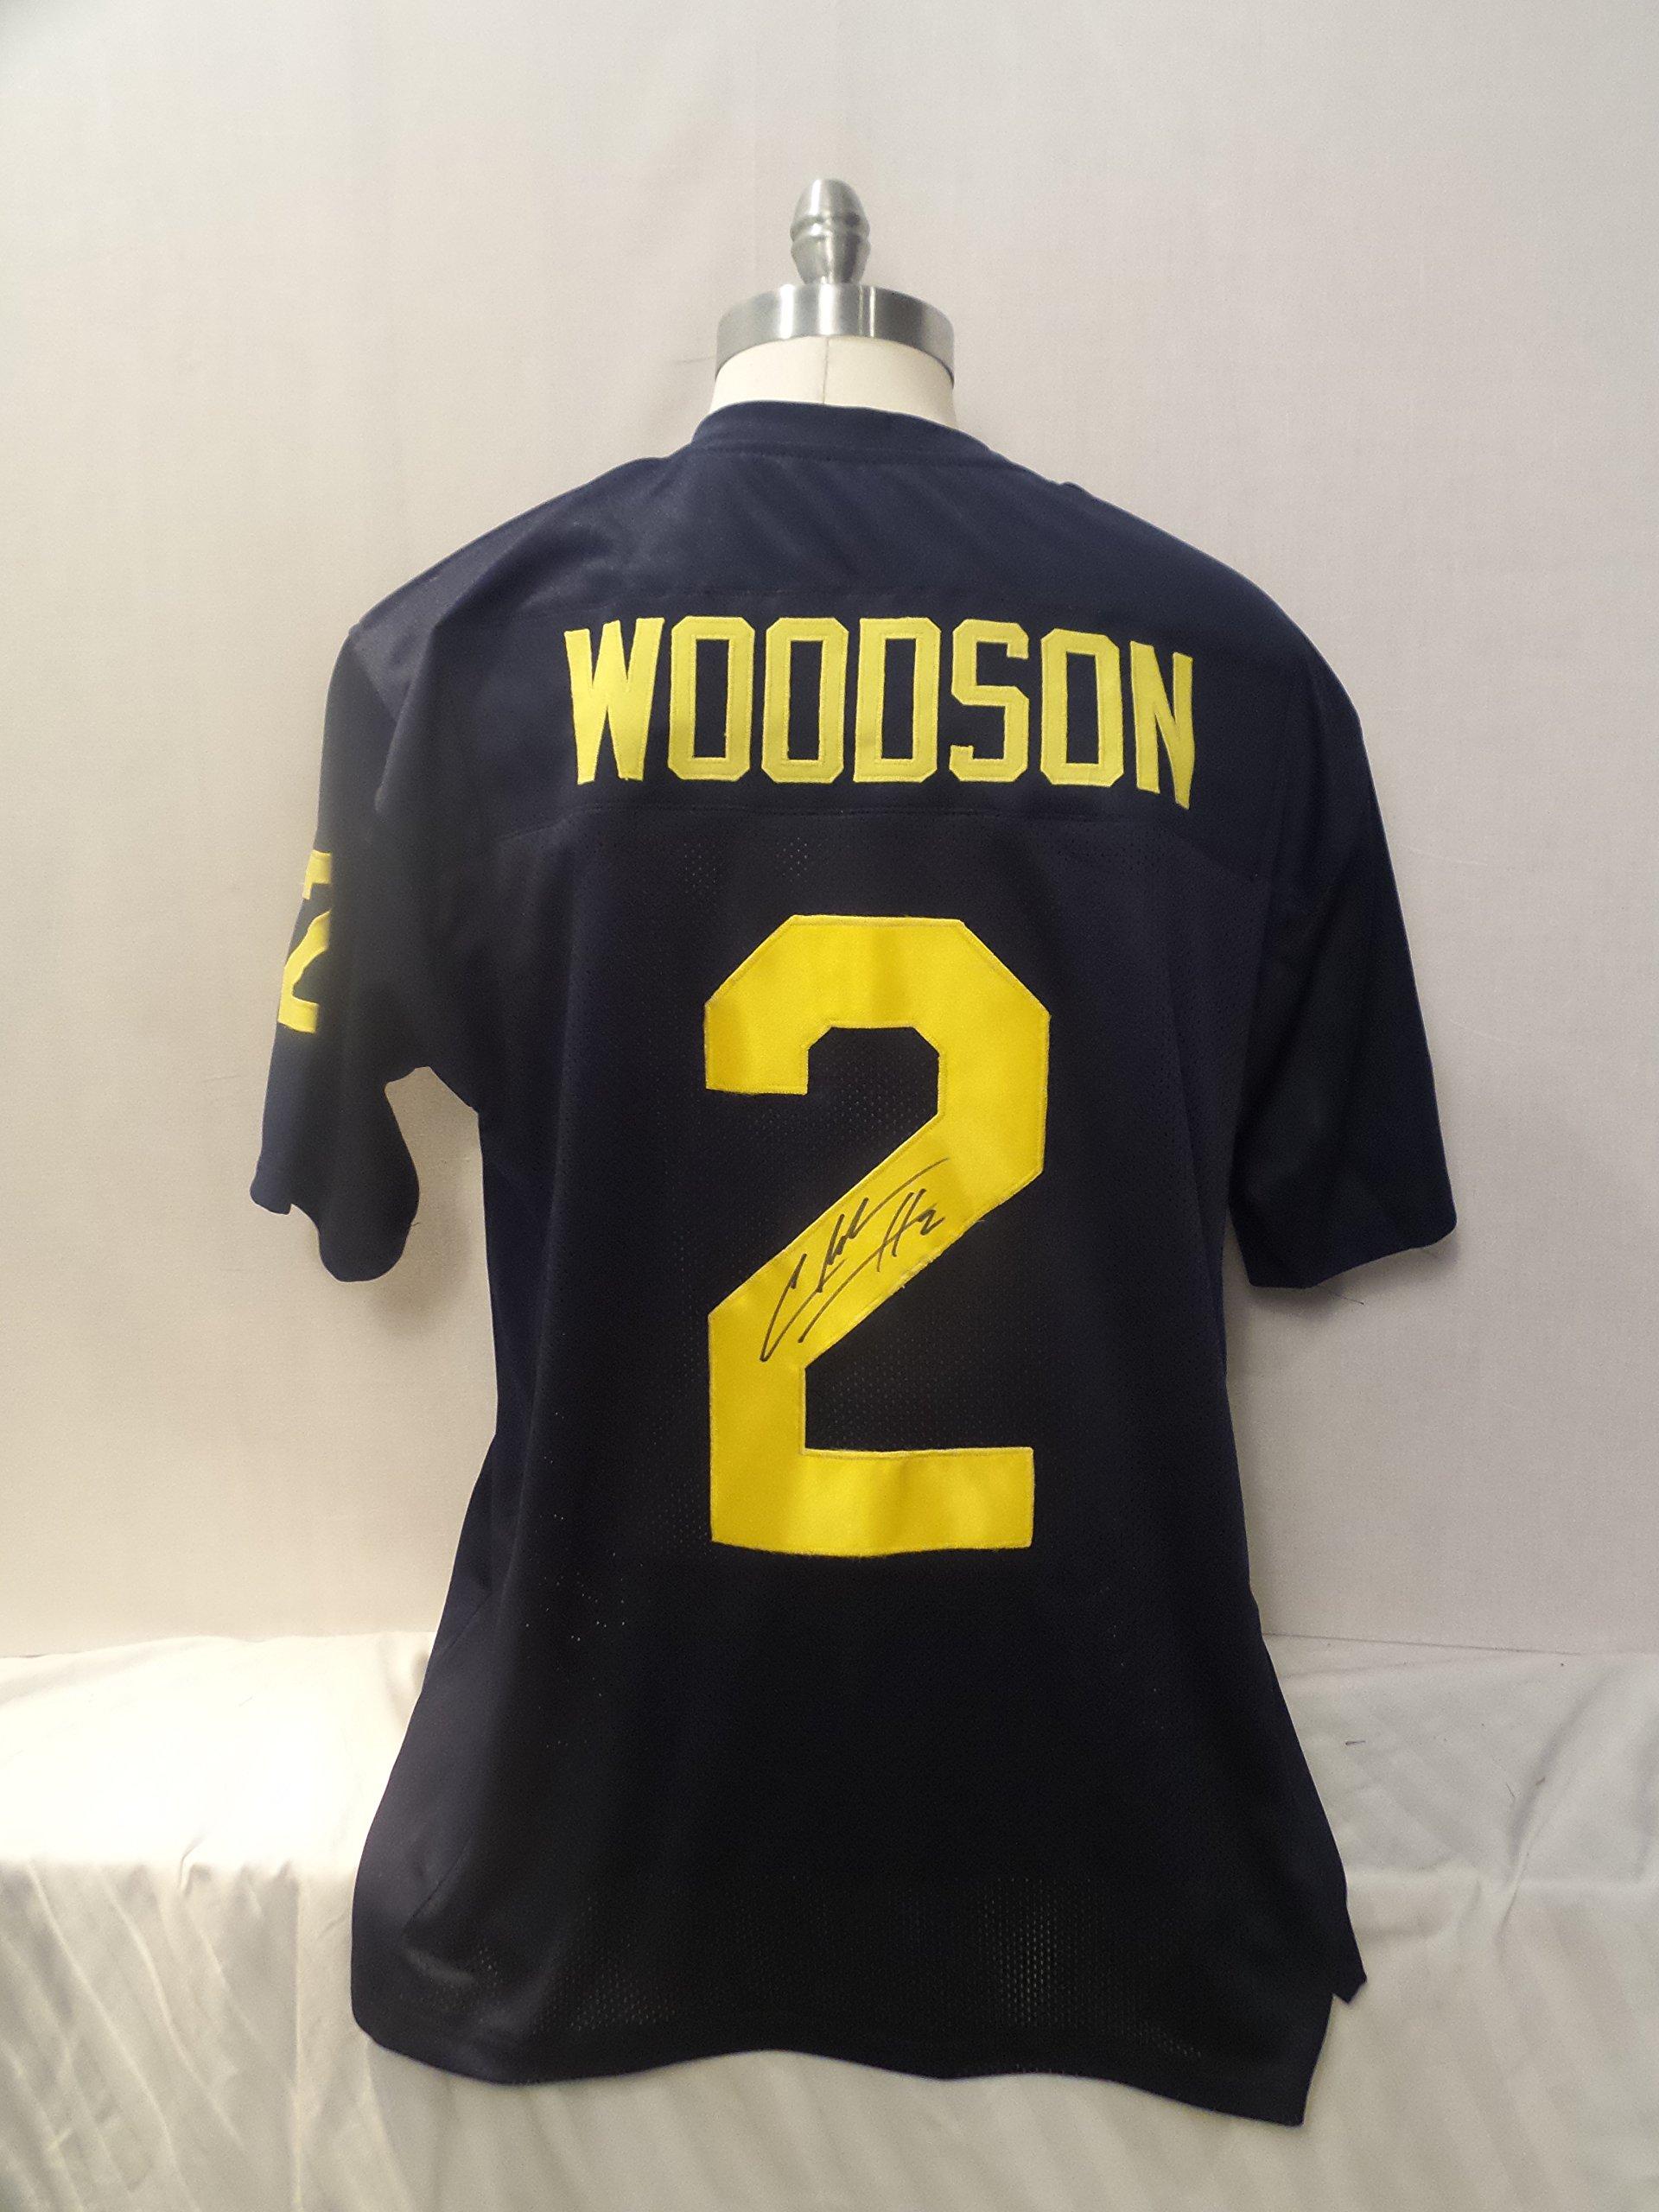 Charles Woodson Signed Blue Custom Autographed Pro style Novelty Custom Jersey